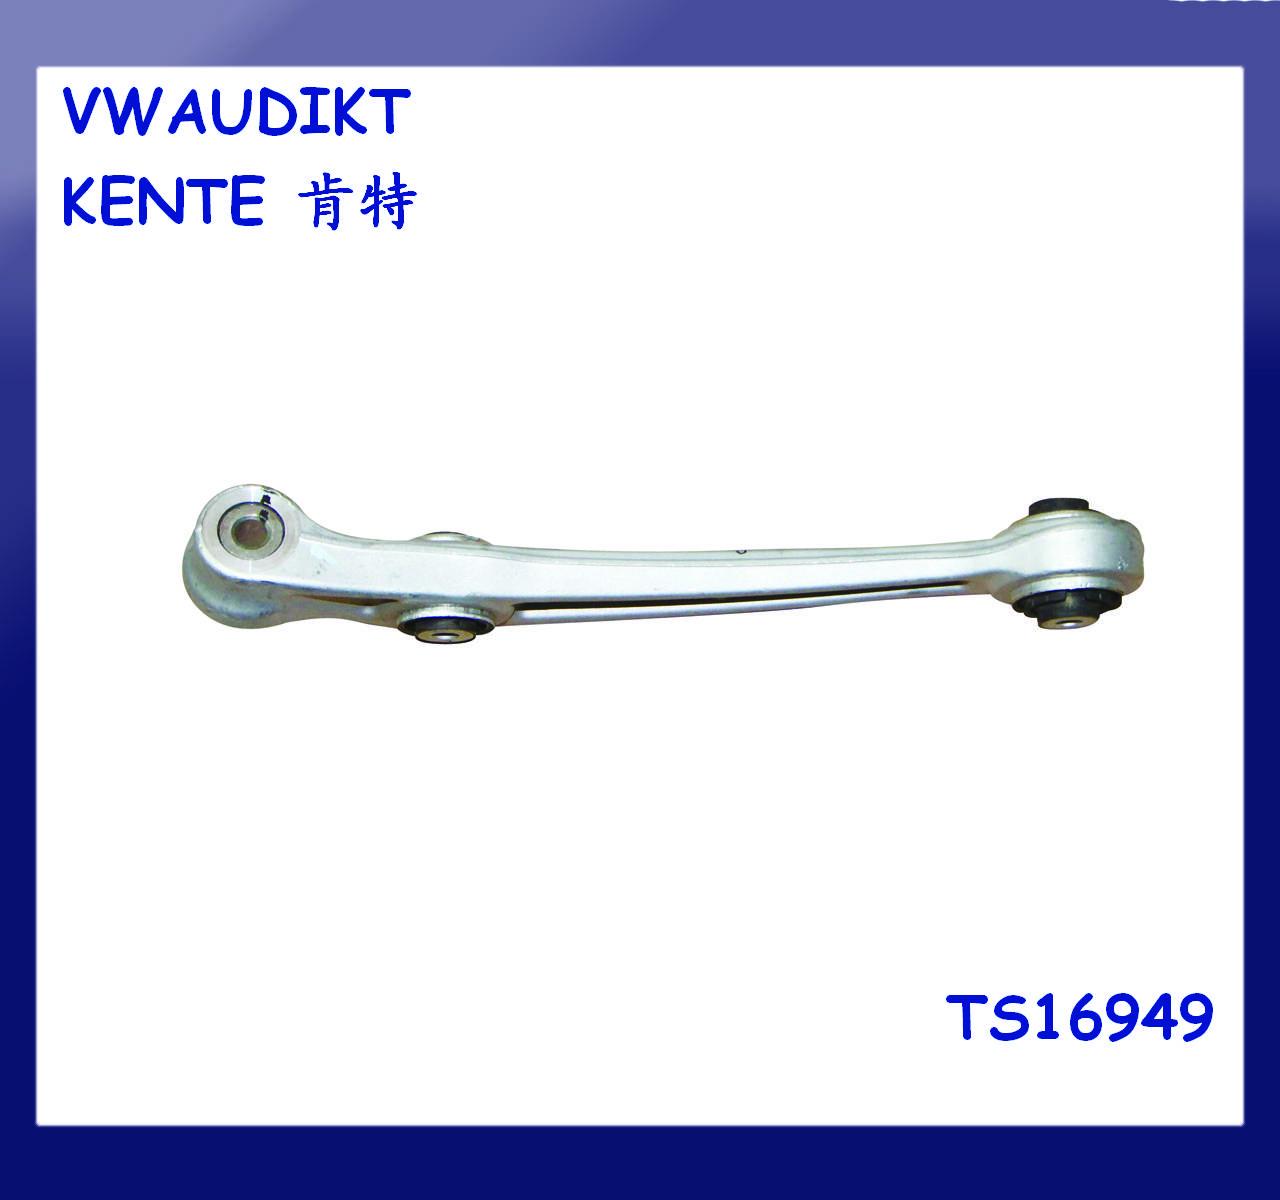 Auto Spare Parts Tierd Rod for Audi A4L B8 82 OEM 8K0407151B 8K0407152B